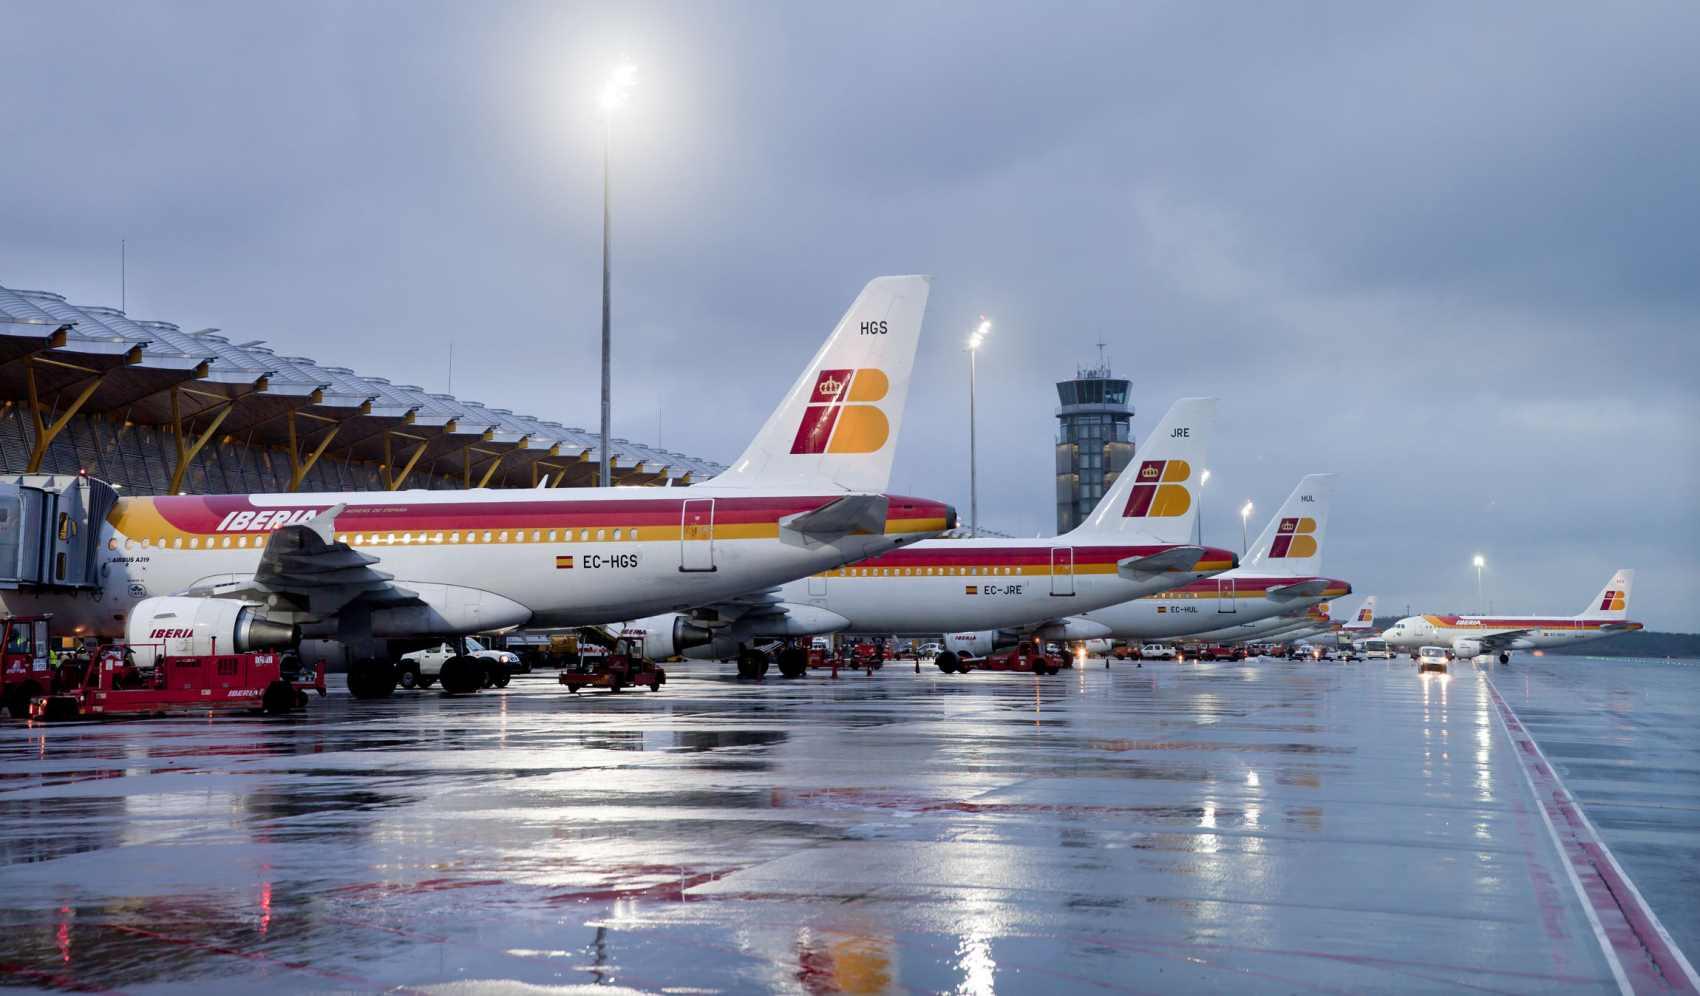 El tráfico de pasajeros creció un 10,7% en noviembre en Canarias